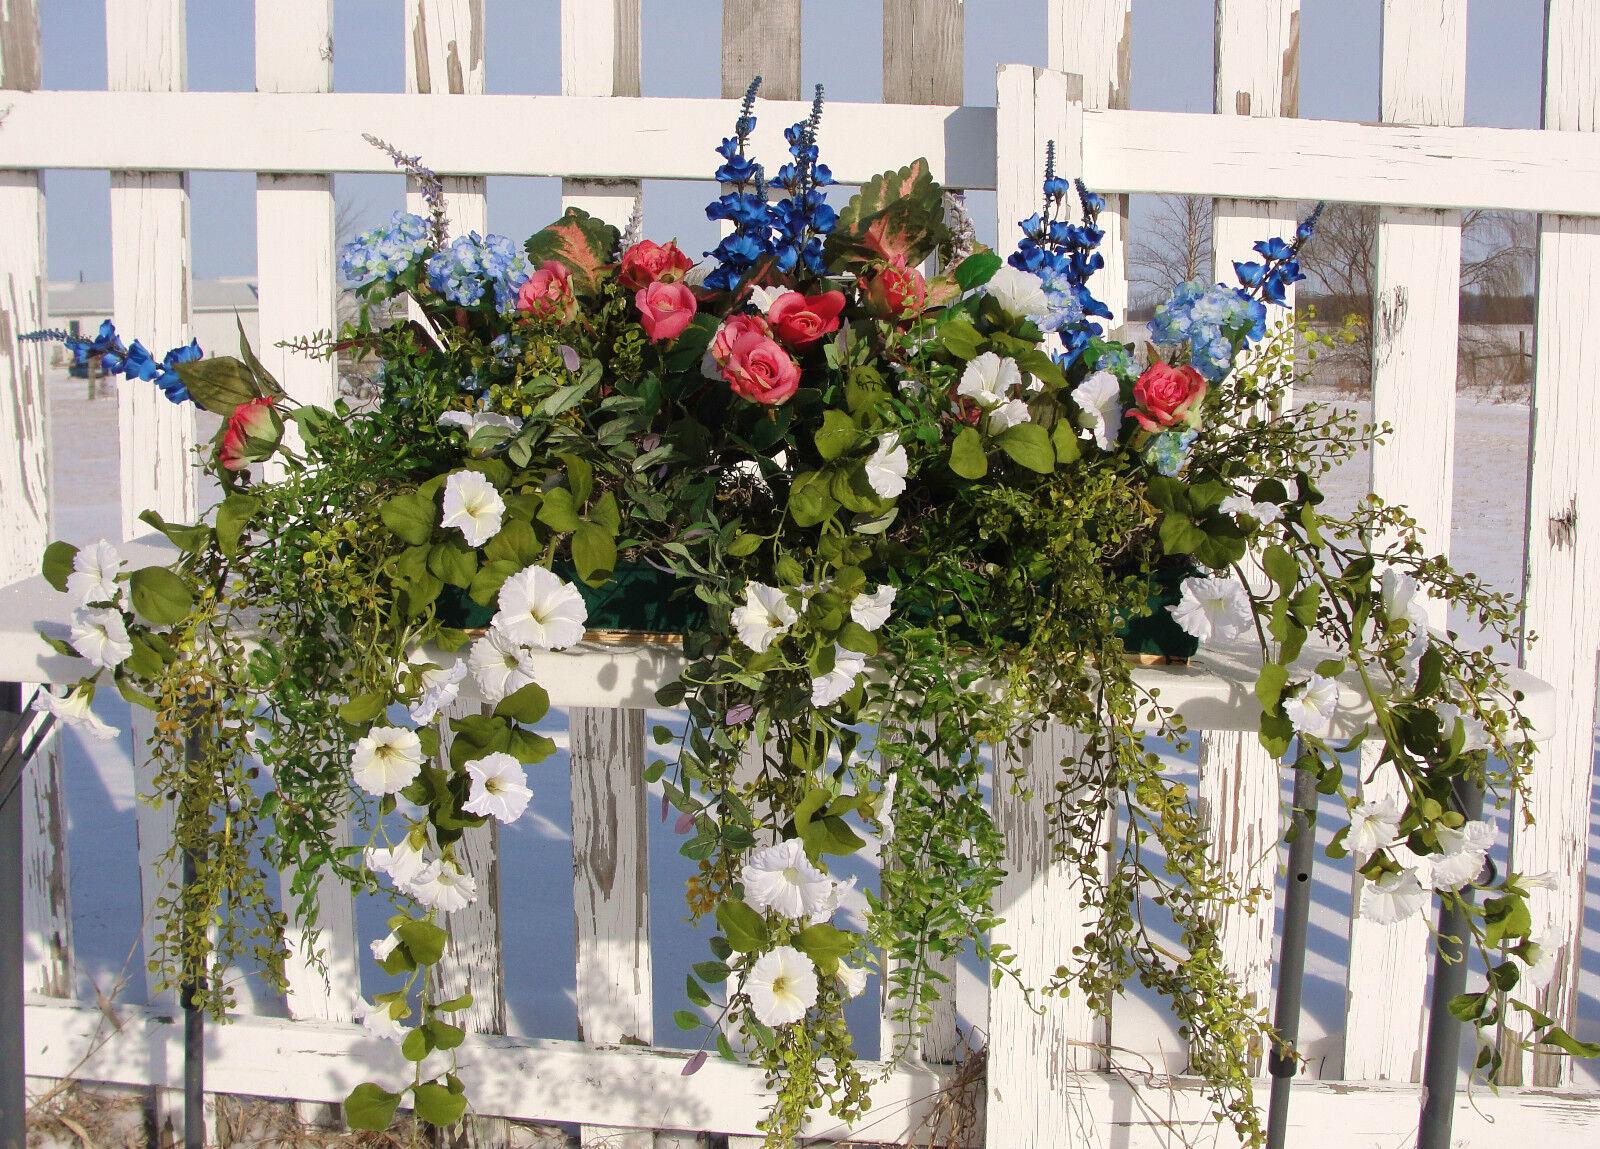 Florida jardines en cascada Caja de la ventana arreglos florales Decoración 24  sedas varían